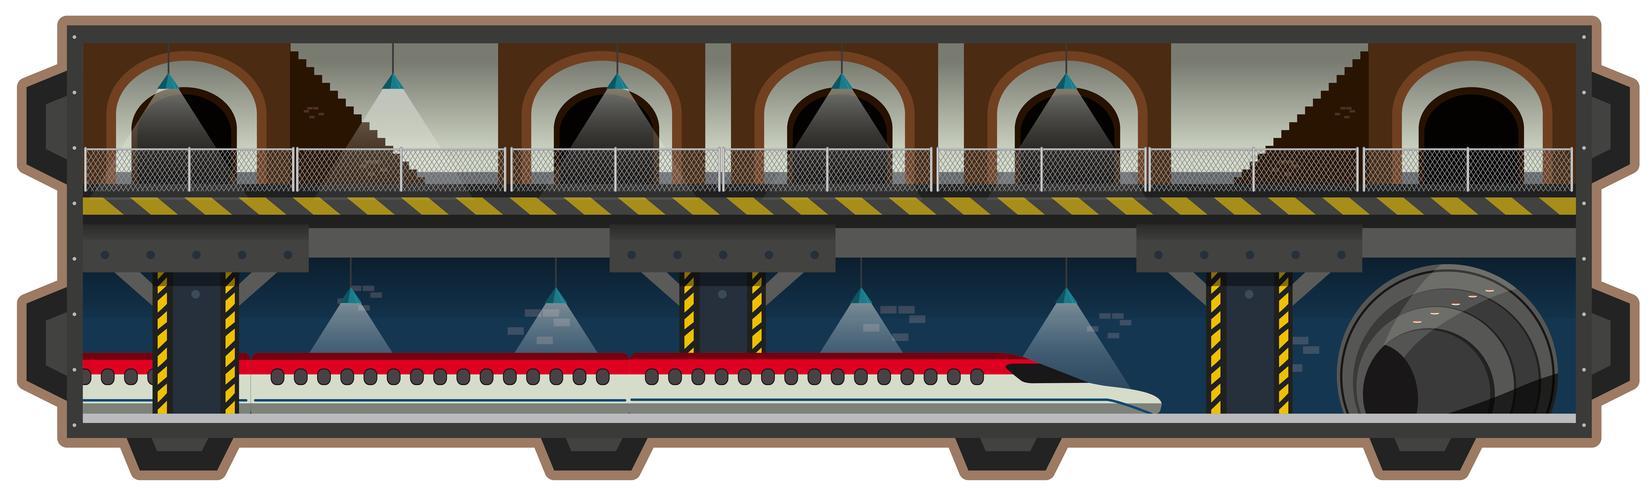 Een ondergronds spoor op witte achtergrond